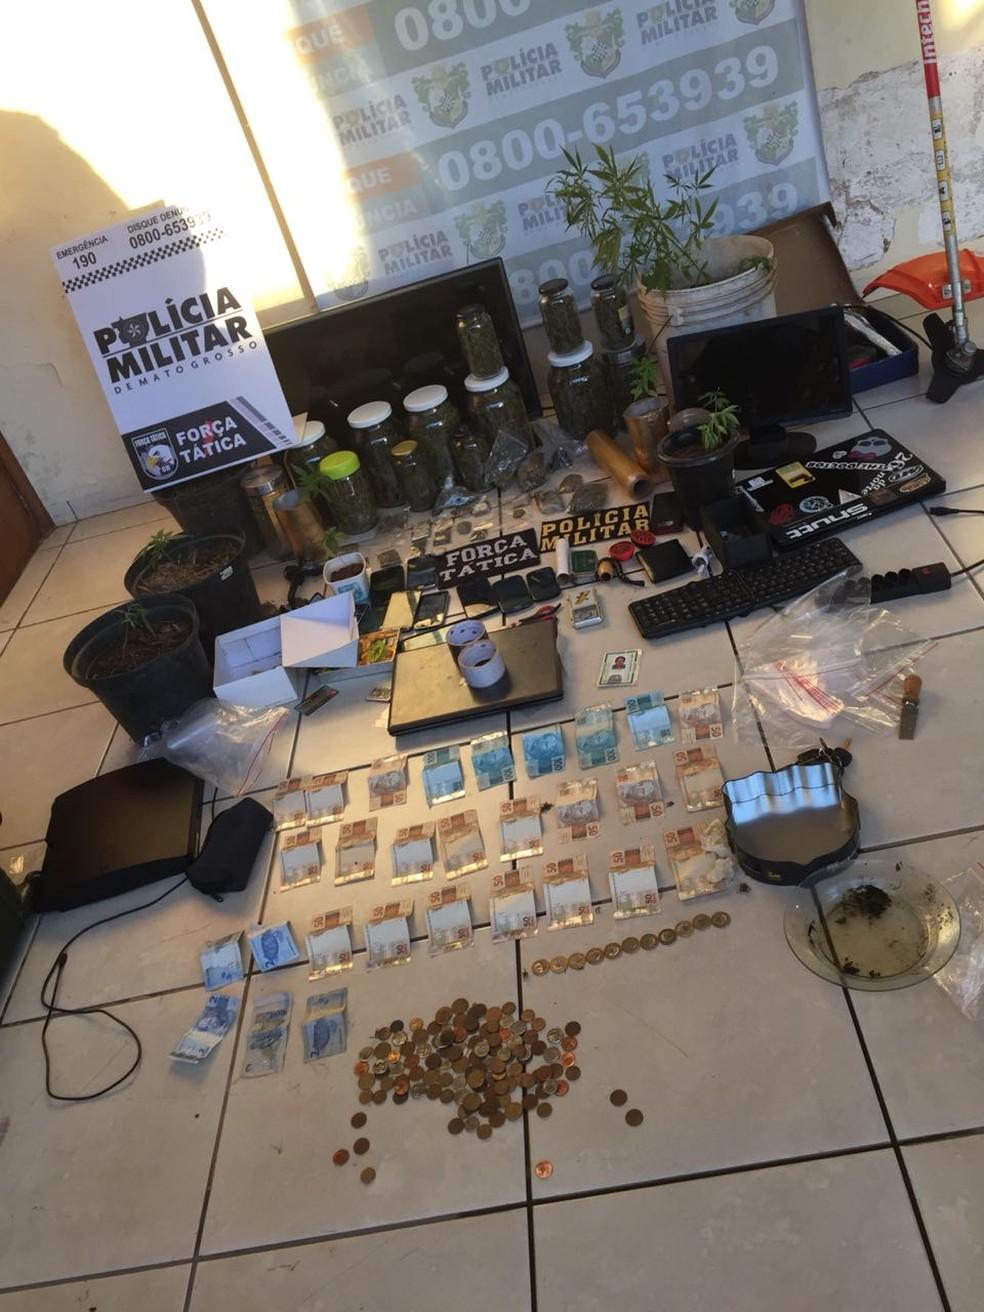 Além da plantação, a polícia apreendeu objetos usados para o comércio da droga (Foto: Polícia Militar/Divulgação)